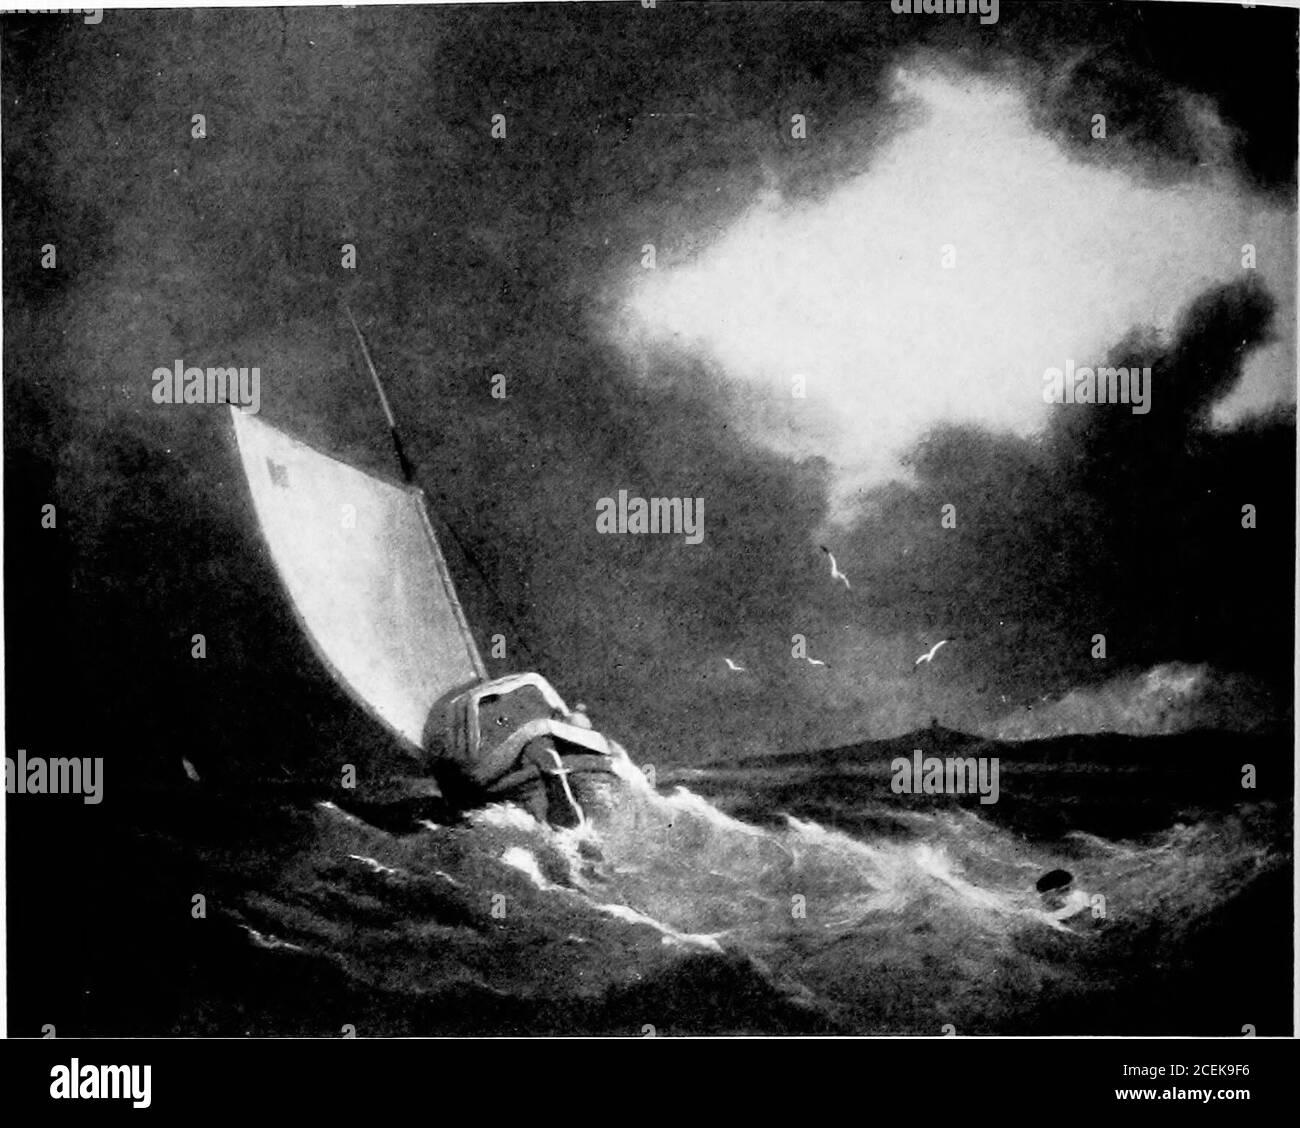 . Britische Meeresmalerei;. p , WKKK/km, : ll^illl k. .^Ili n .- ._^- --i •.-:s;:;-»V- - ■^■■^•■i*-»--■ ^ ,-S ^m yf Hi^^^PI^^^ (//t //« Collection at Barbizon House) SCHNELLE BURG. DURCH DIE REV. JOHN THOMSONOF DUDDINGSTON. R.S A. 47. Foto Woodbury Co. EIN GALIOT IN EINEM STURM VON JOHN VERKAUFEN COTMAN Kin der Nalioiial GatUrs. London) 48 Stockfoto